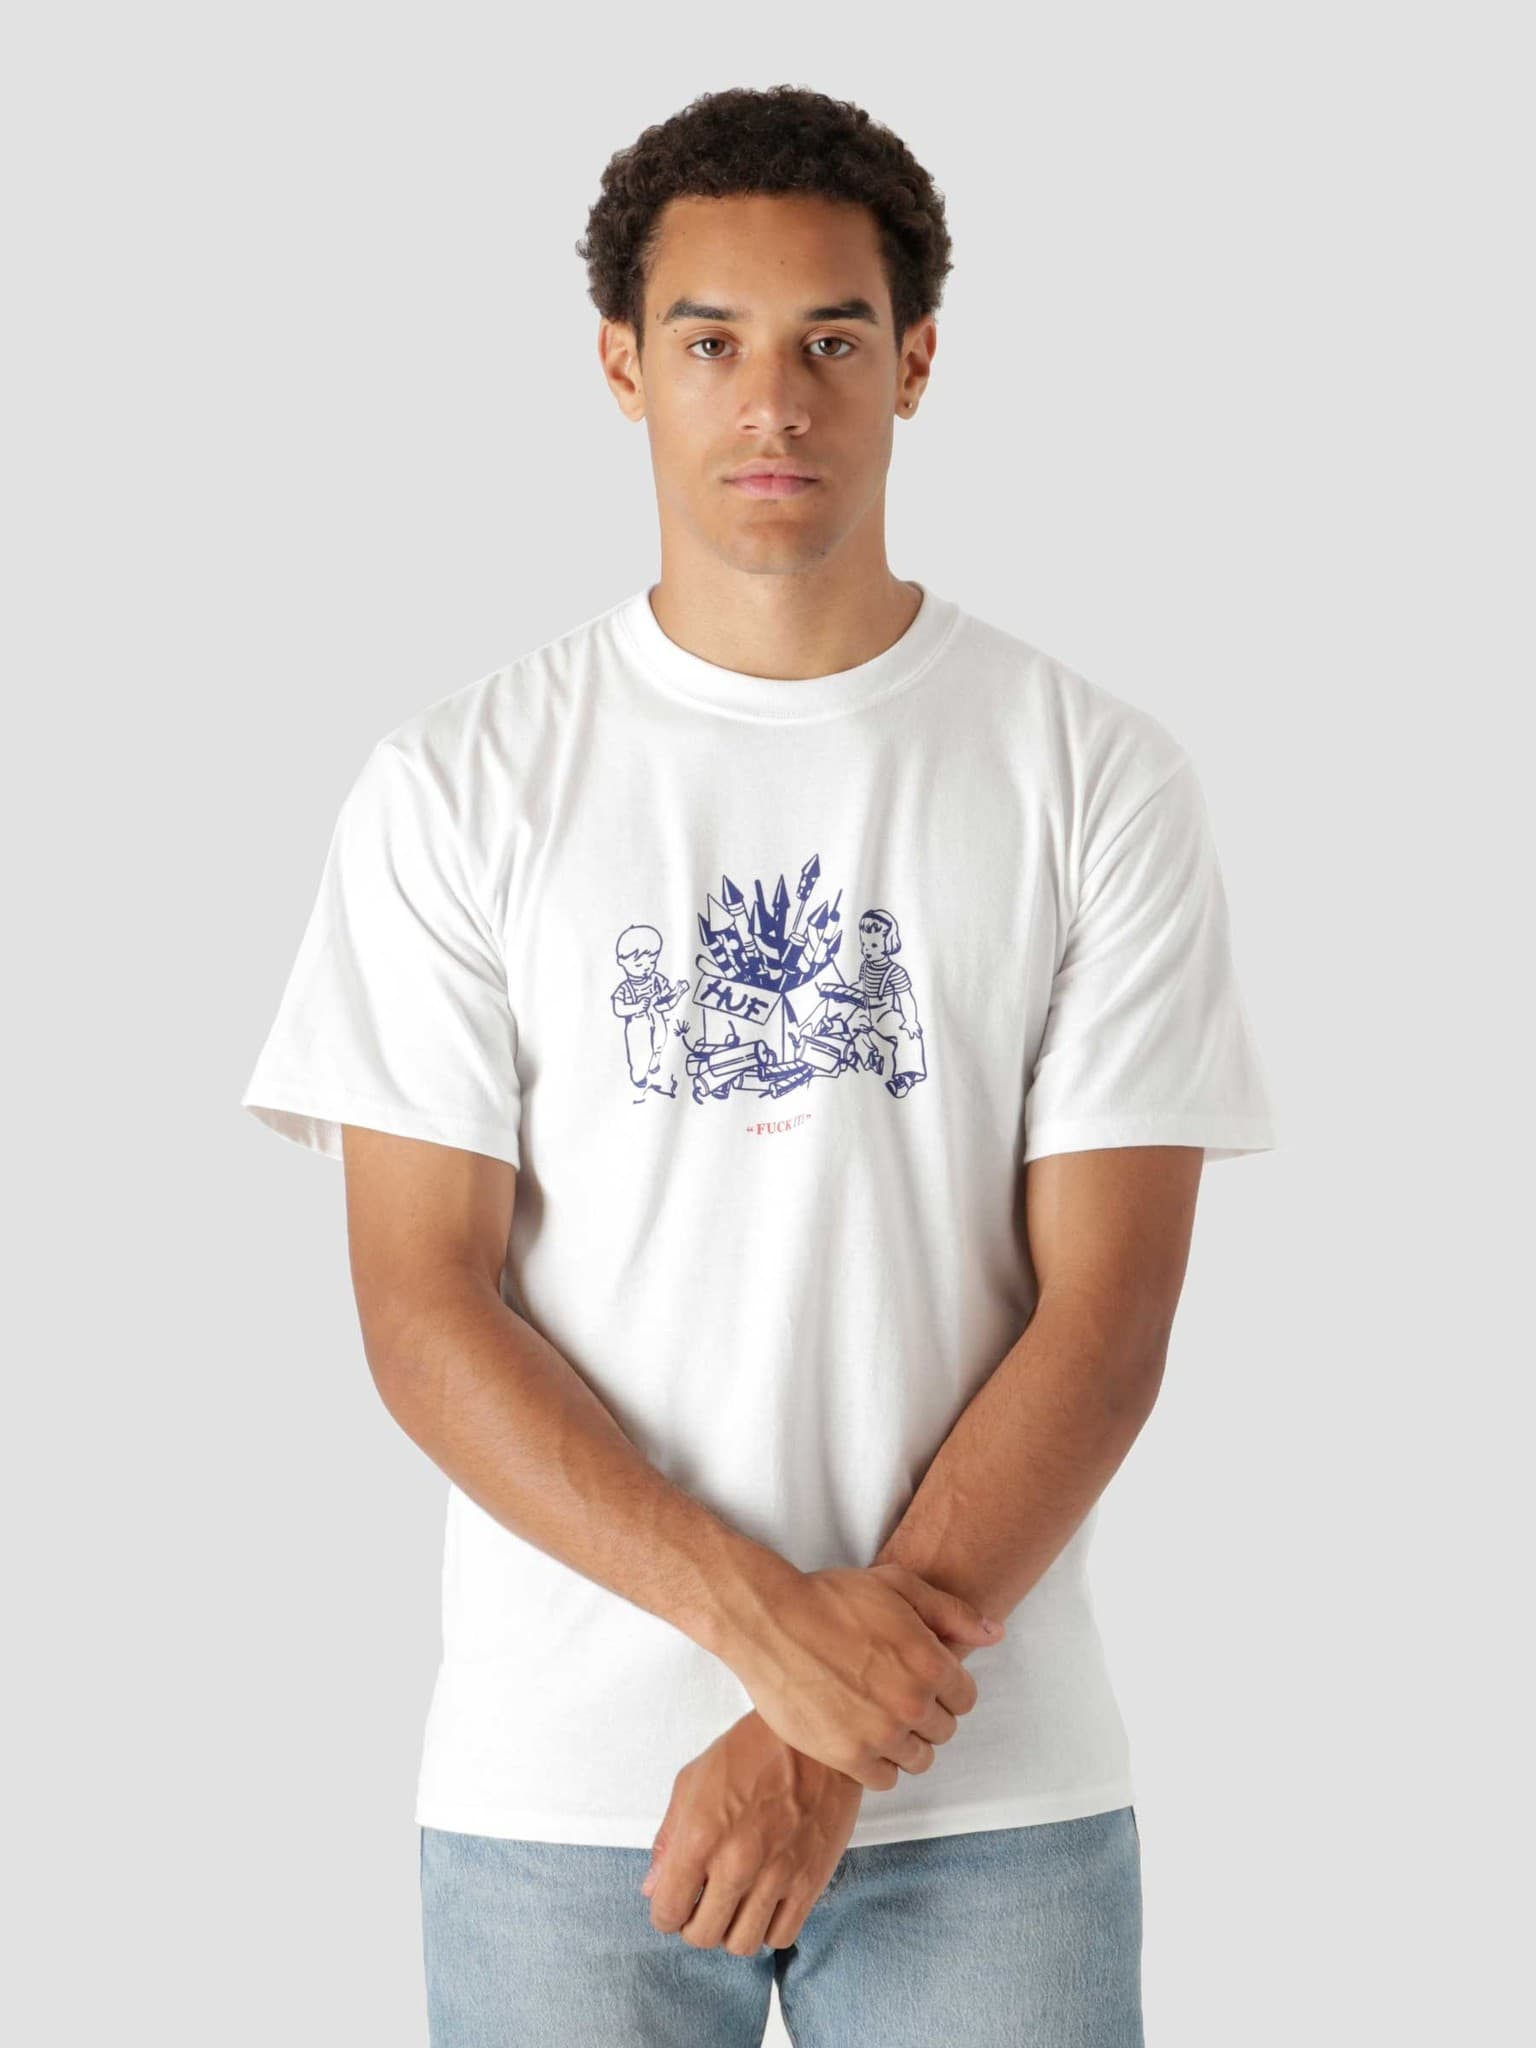 Safe And Sane Shortsleeve T-Shirt White TS01692